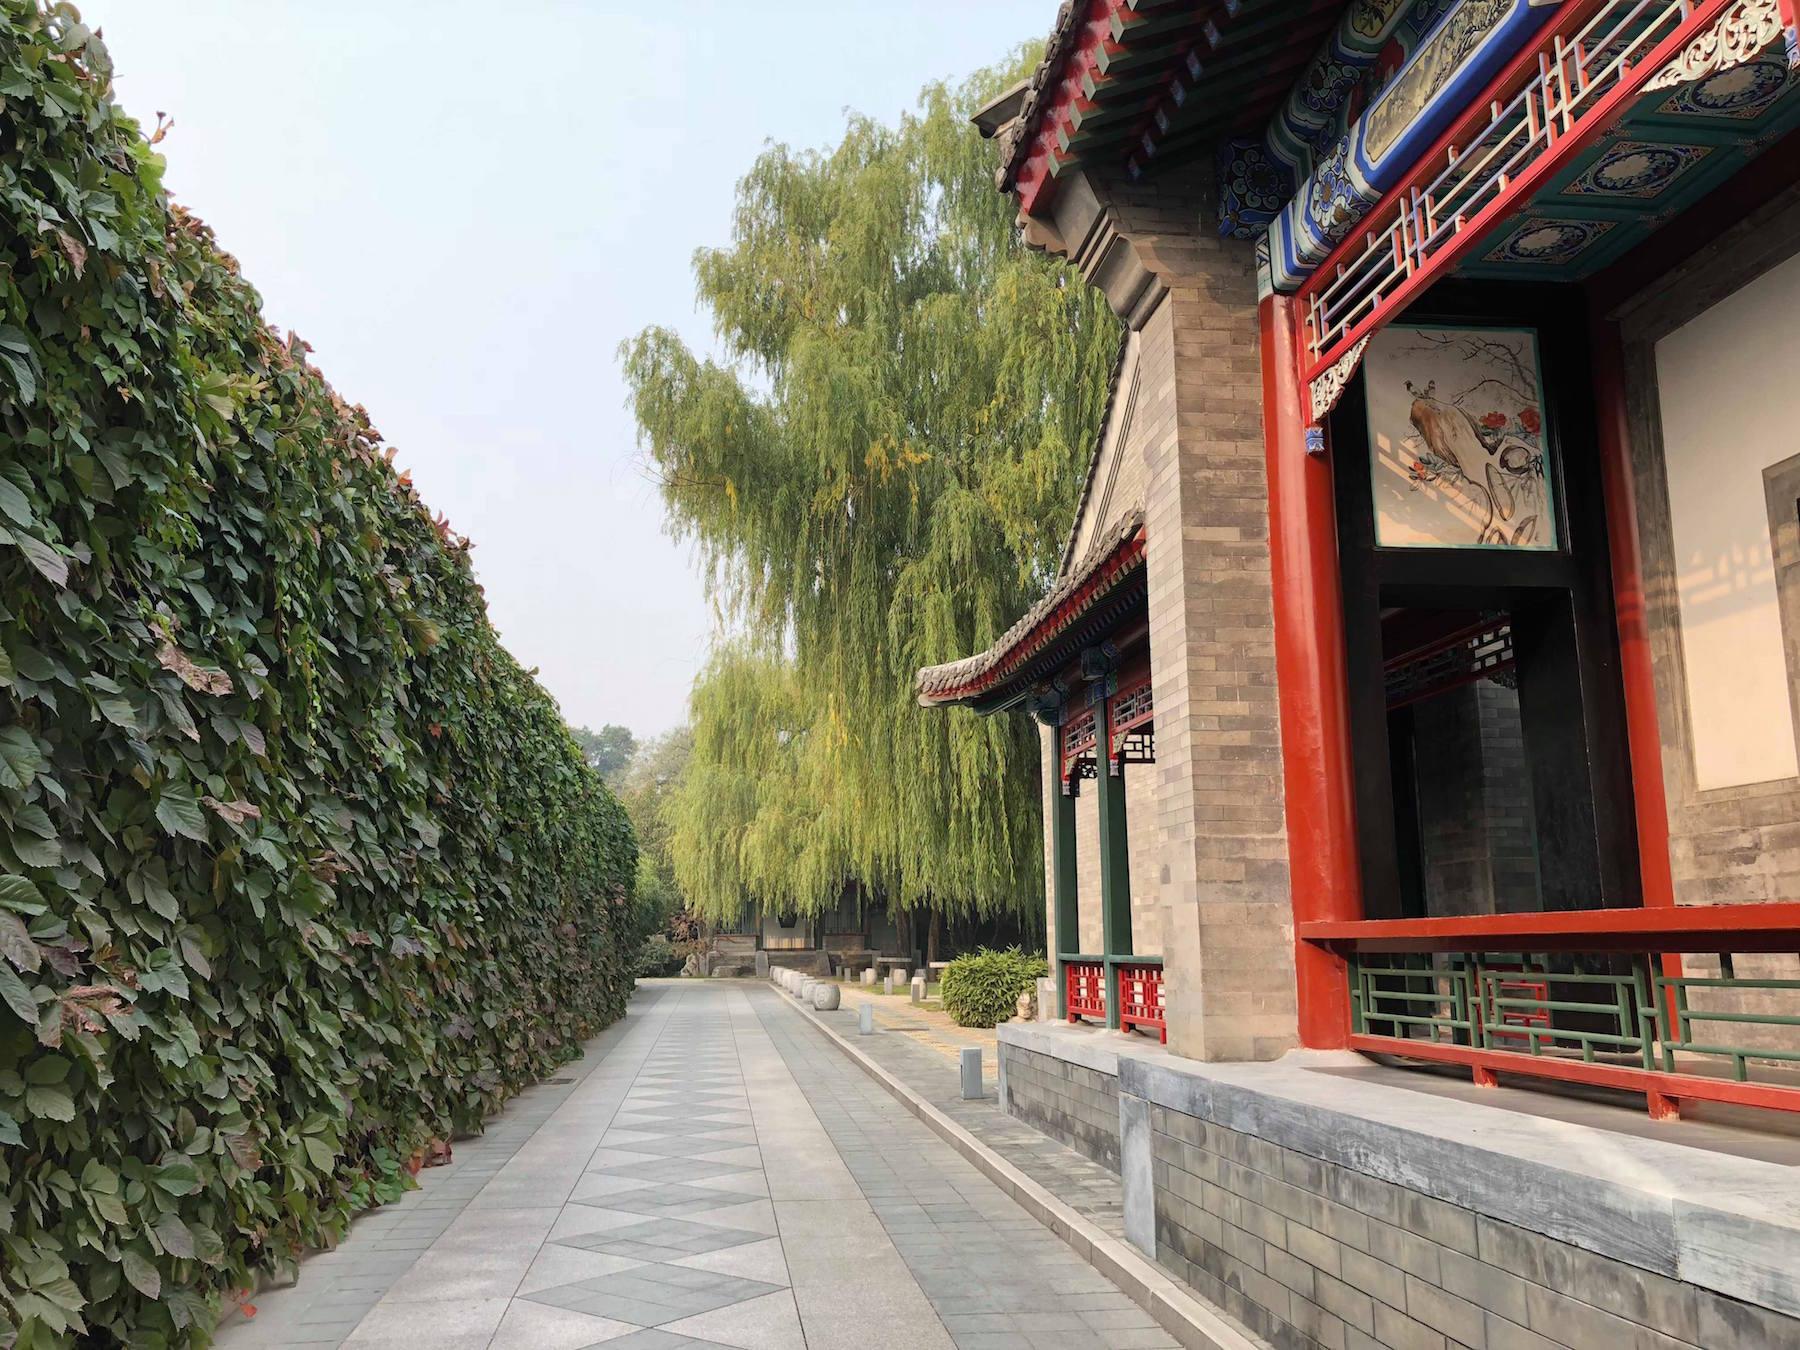 大堂通往庭院套房(Courtyard Suites)的道路